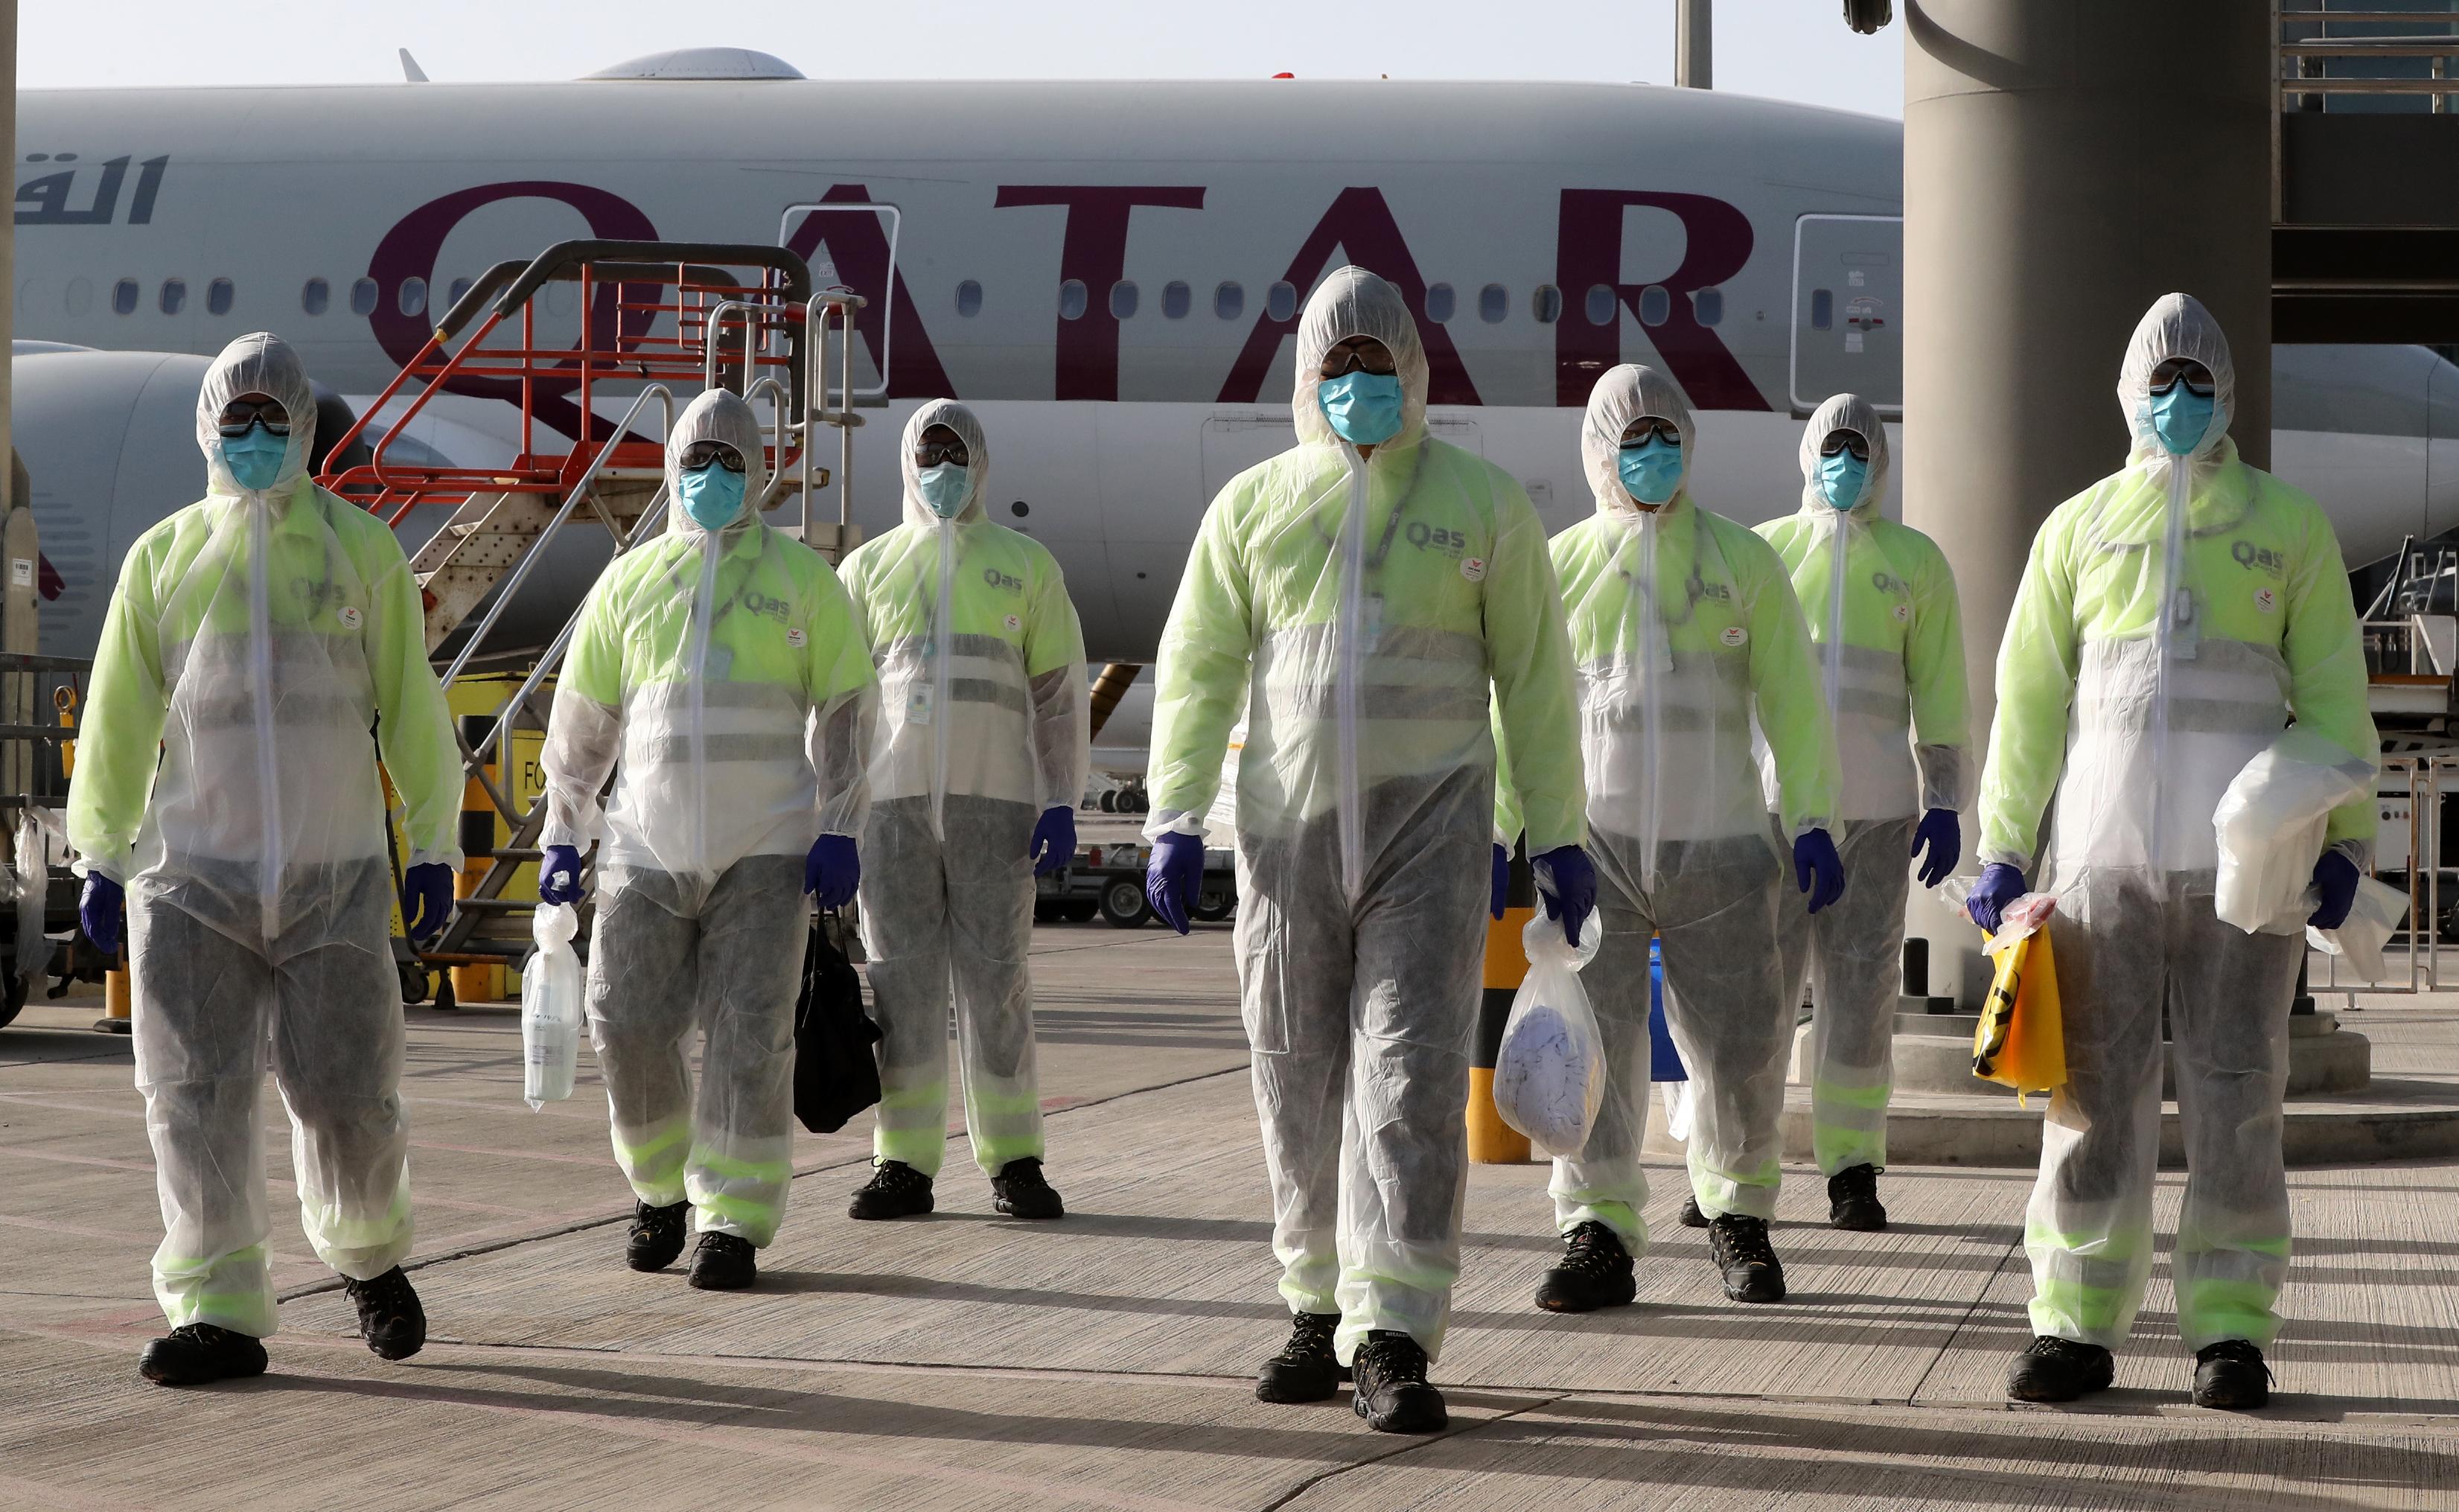 Megalázó, invazív vizsgálatokat végeztek nőkön a dohai reptéren